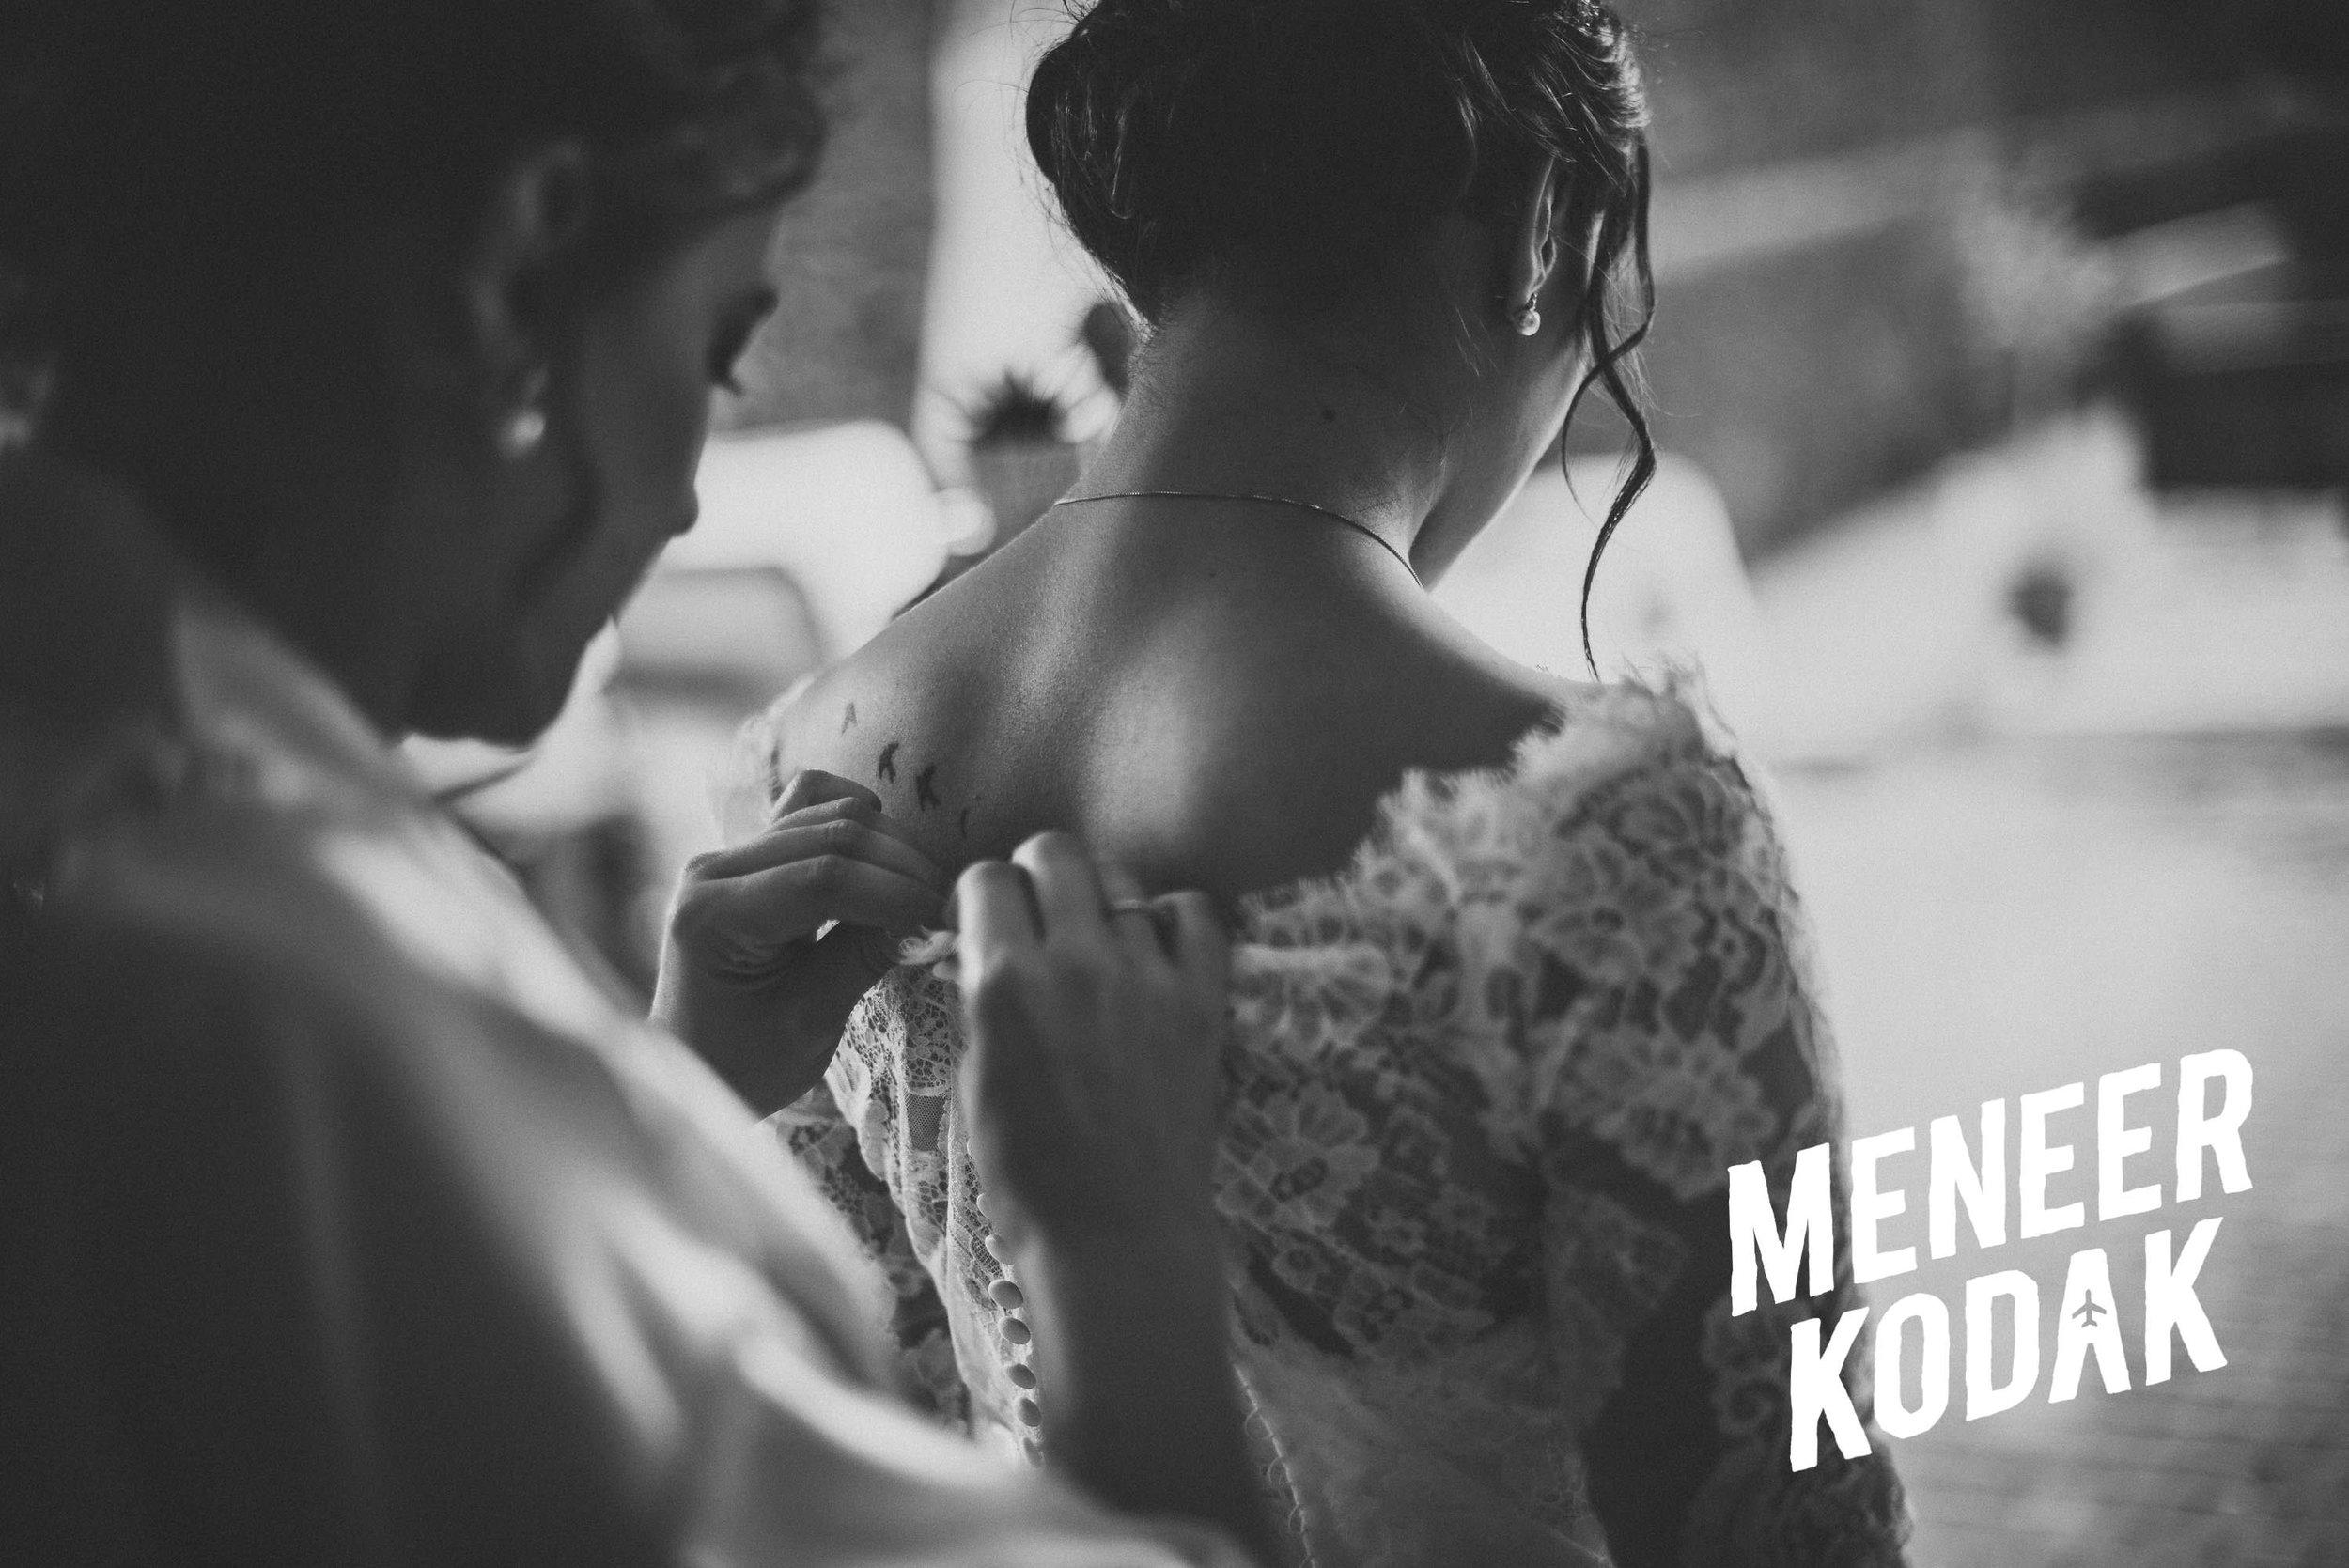 Meneer Kodak - Trouwfotograaf - Gent - D&T-005.jpg